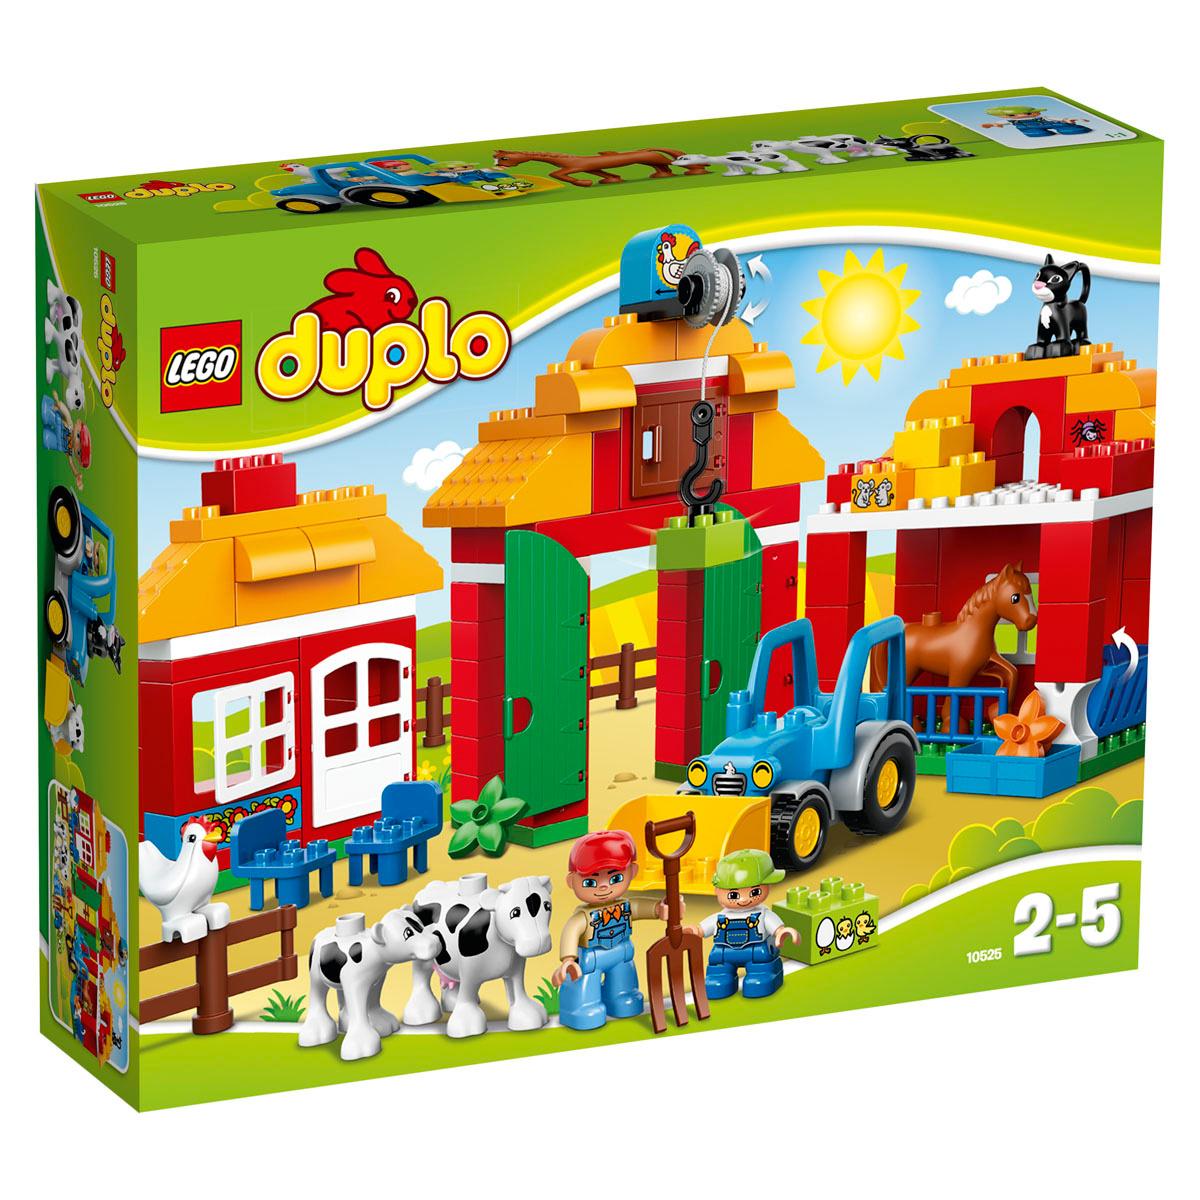 LEGO DUPLO Конструктор Большая ферма 10525 #1